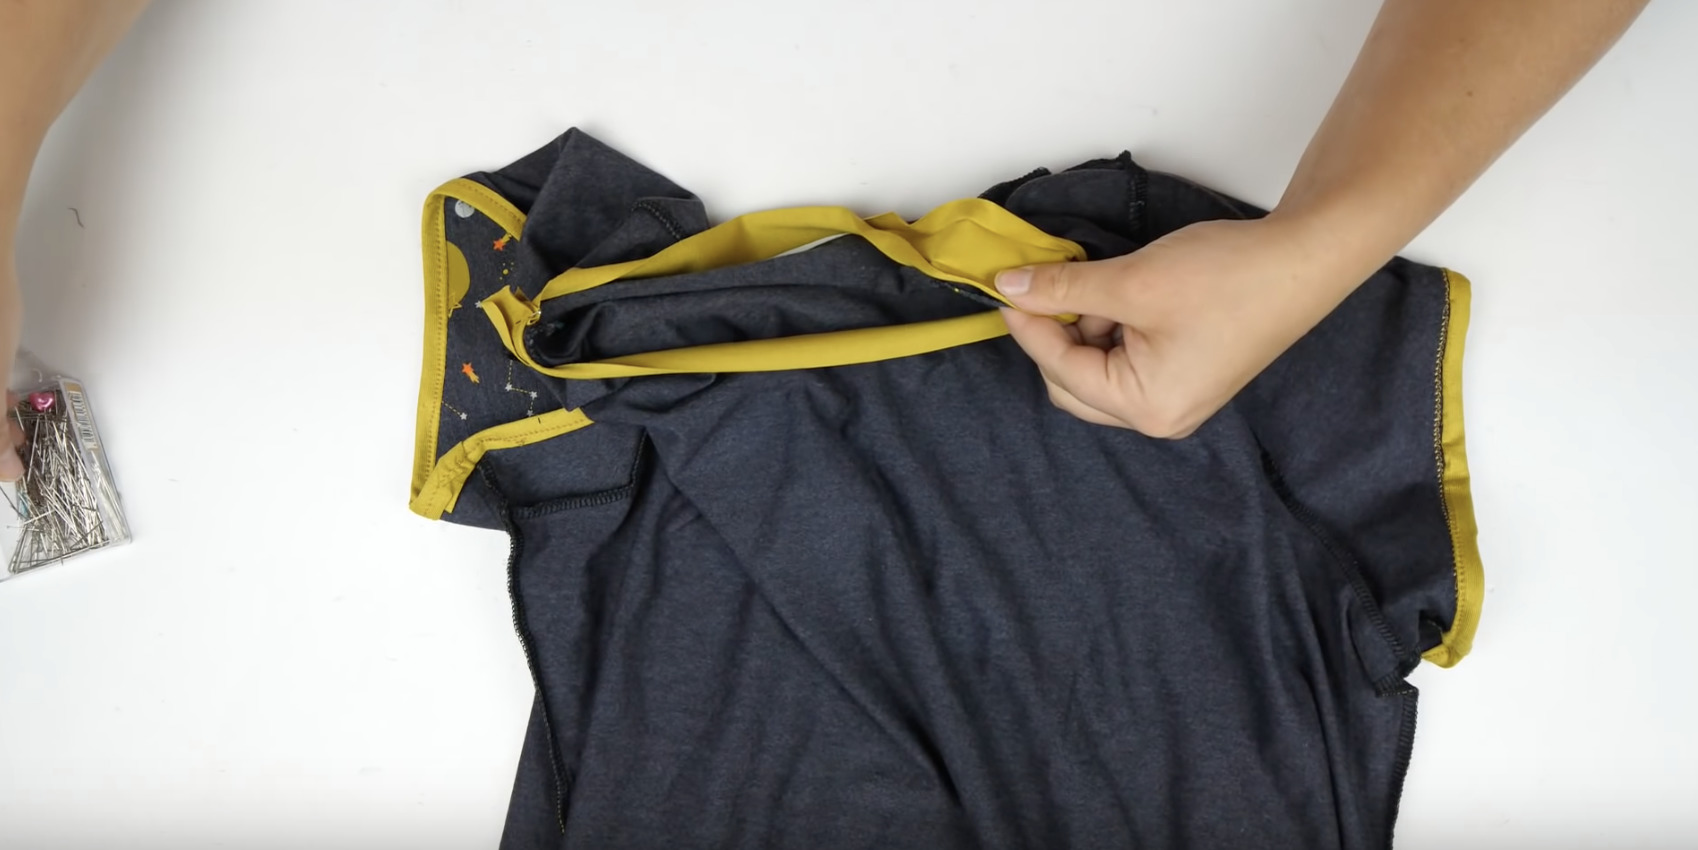 tuto coudre du biais jersey sur un t-shirt